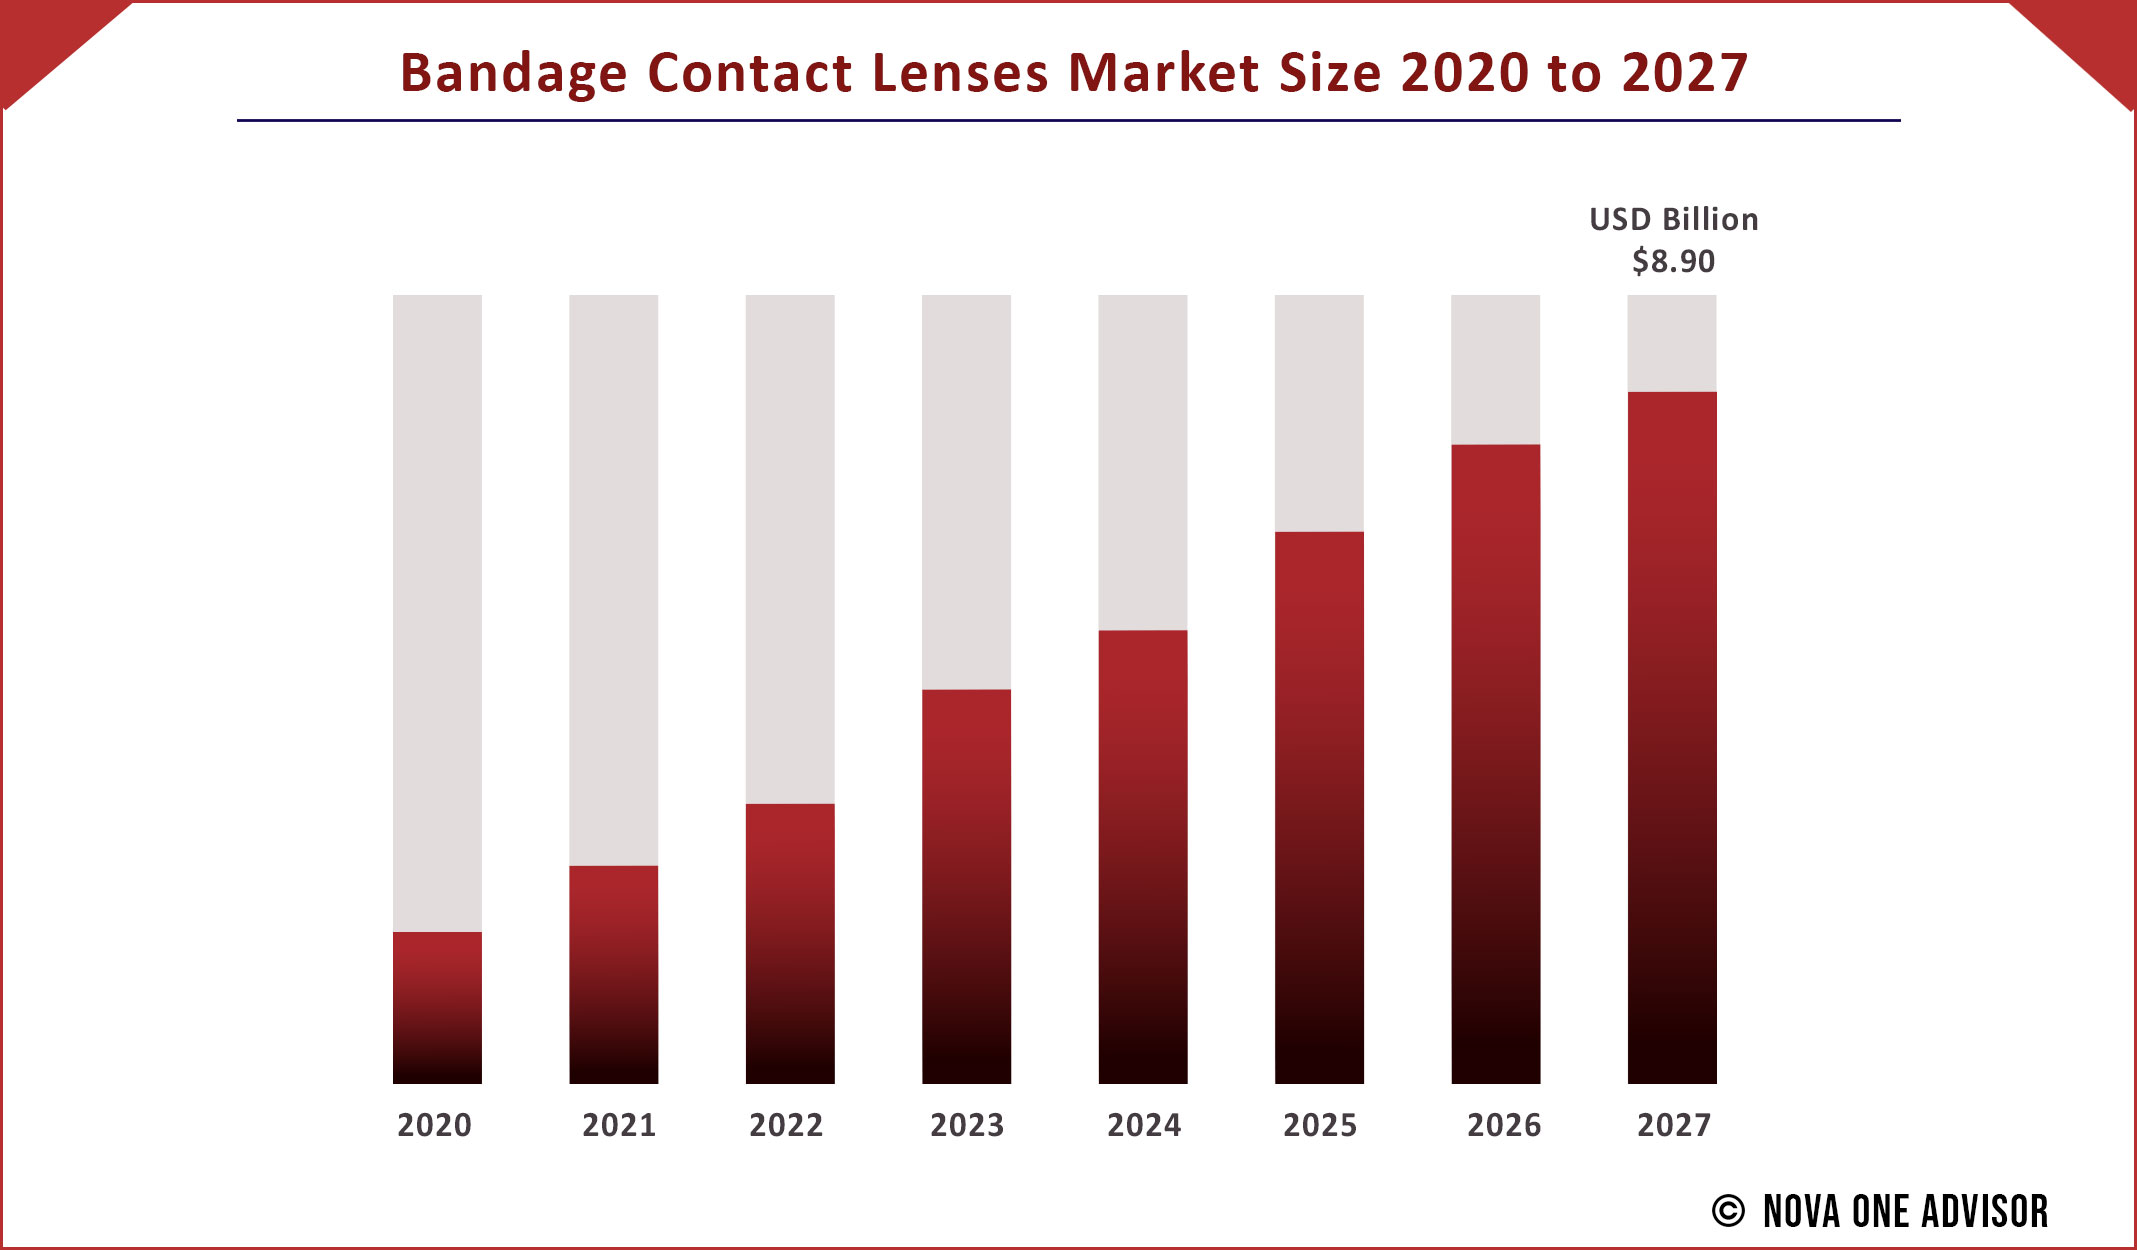 Bandage Contact Lenses Market Size 2020 to 2027